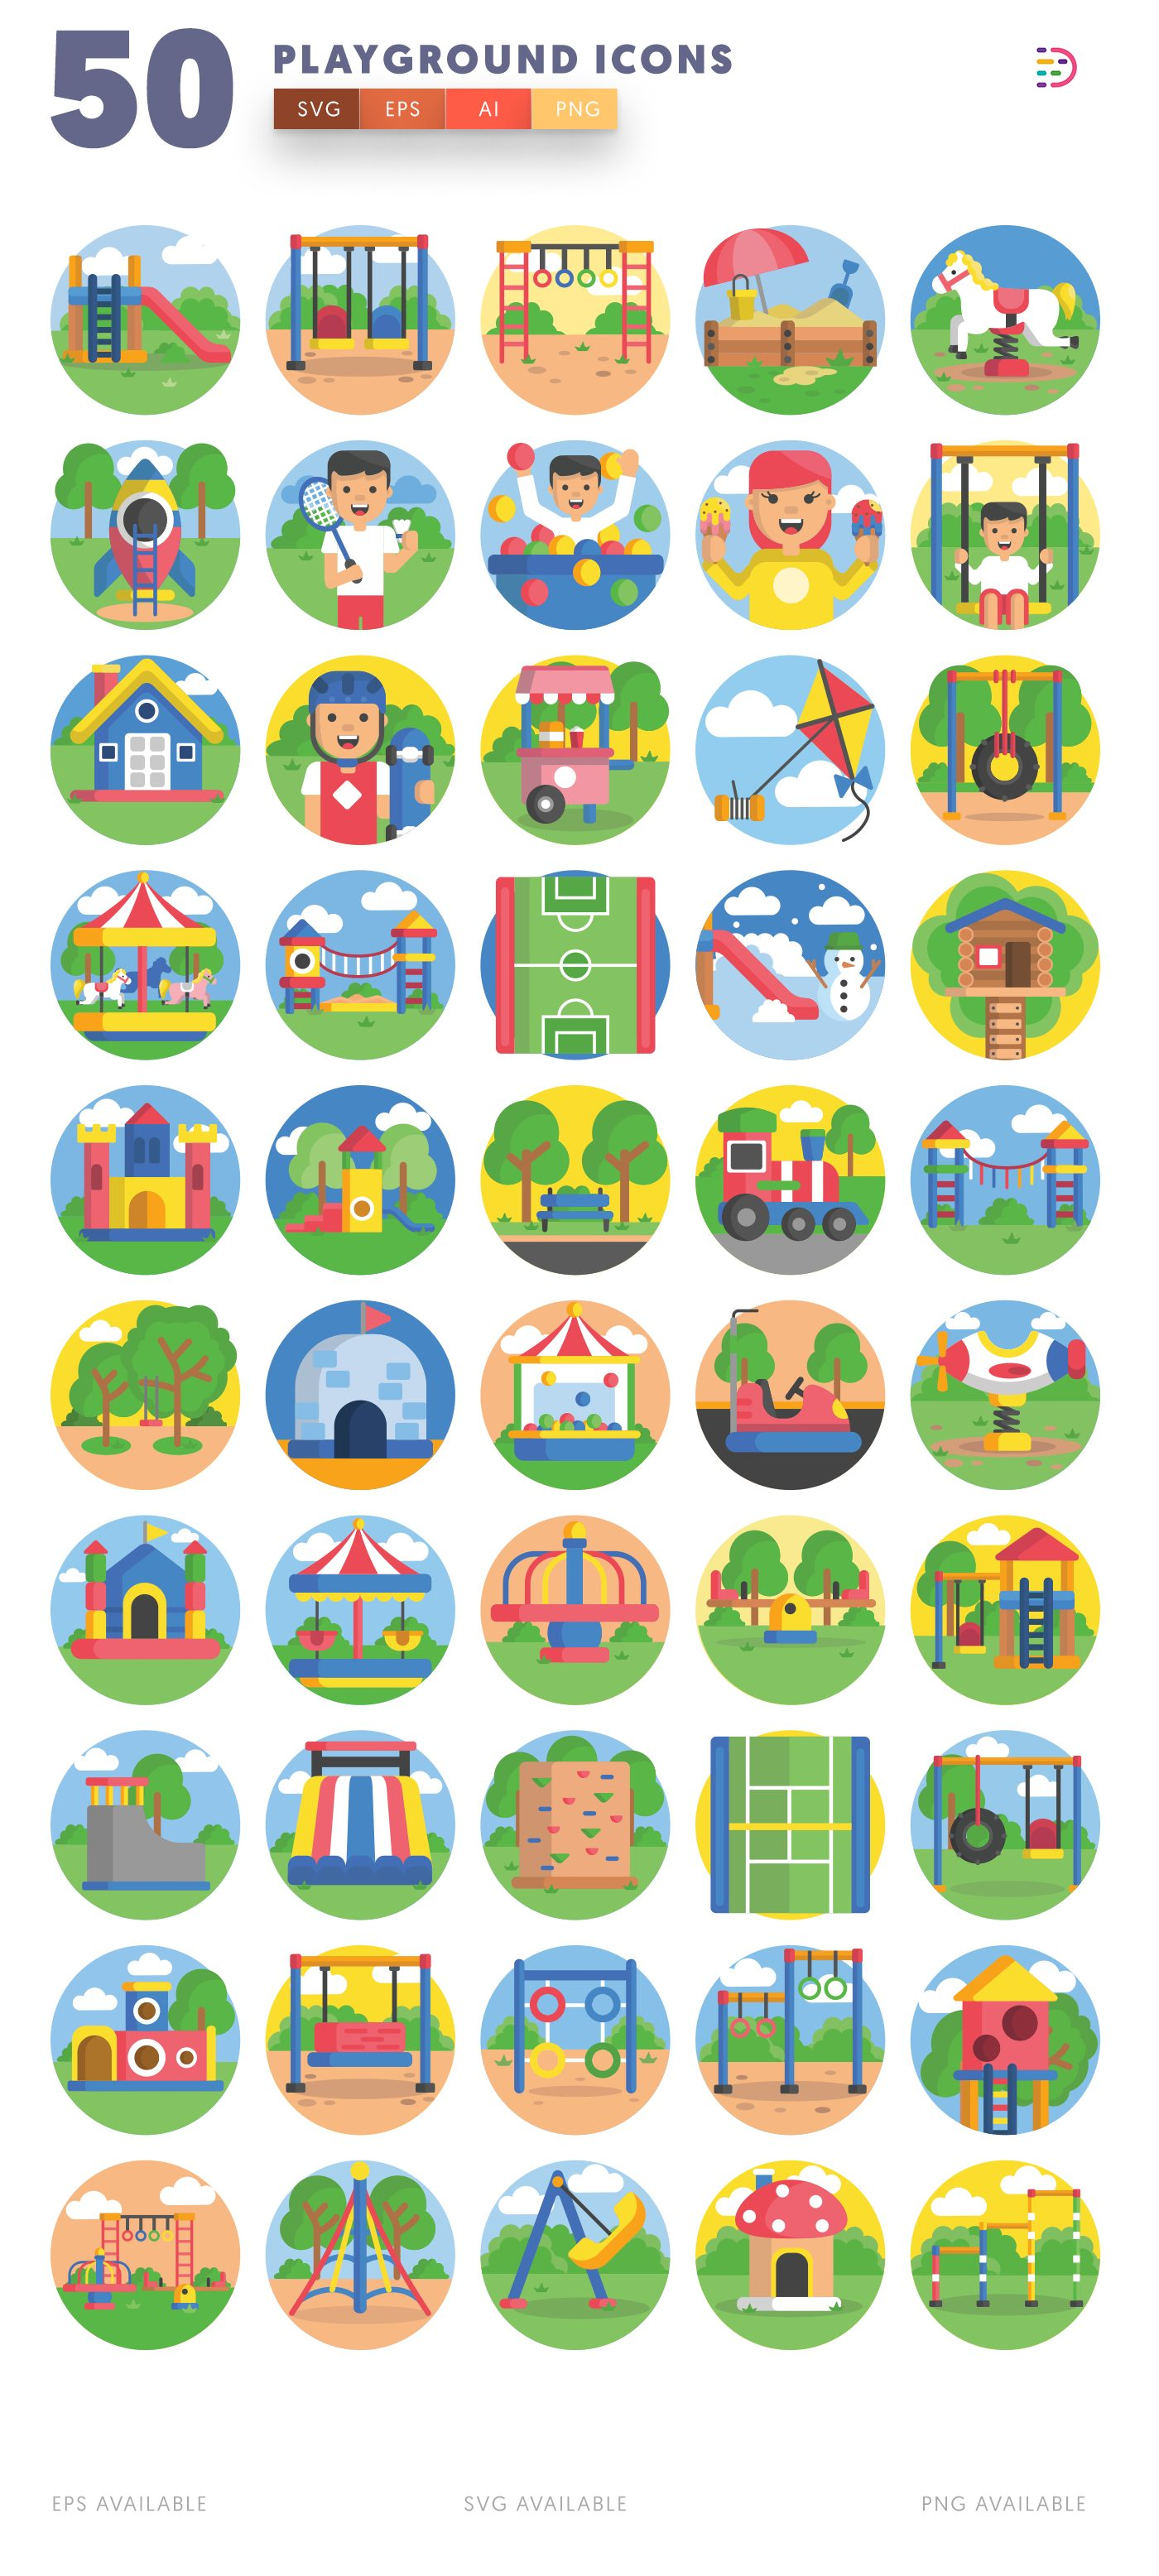 Playground icon pack